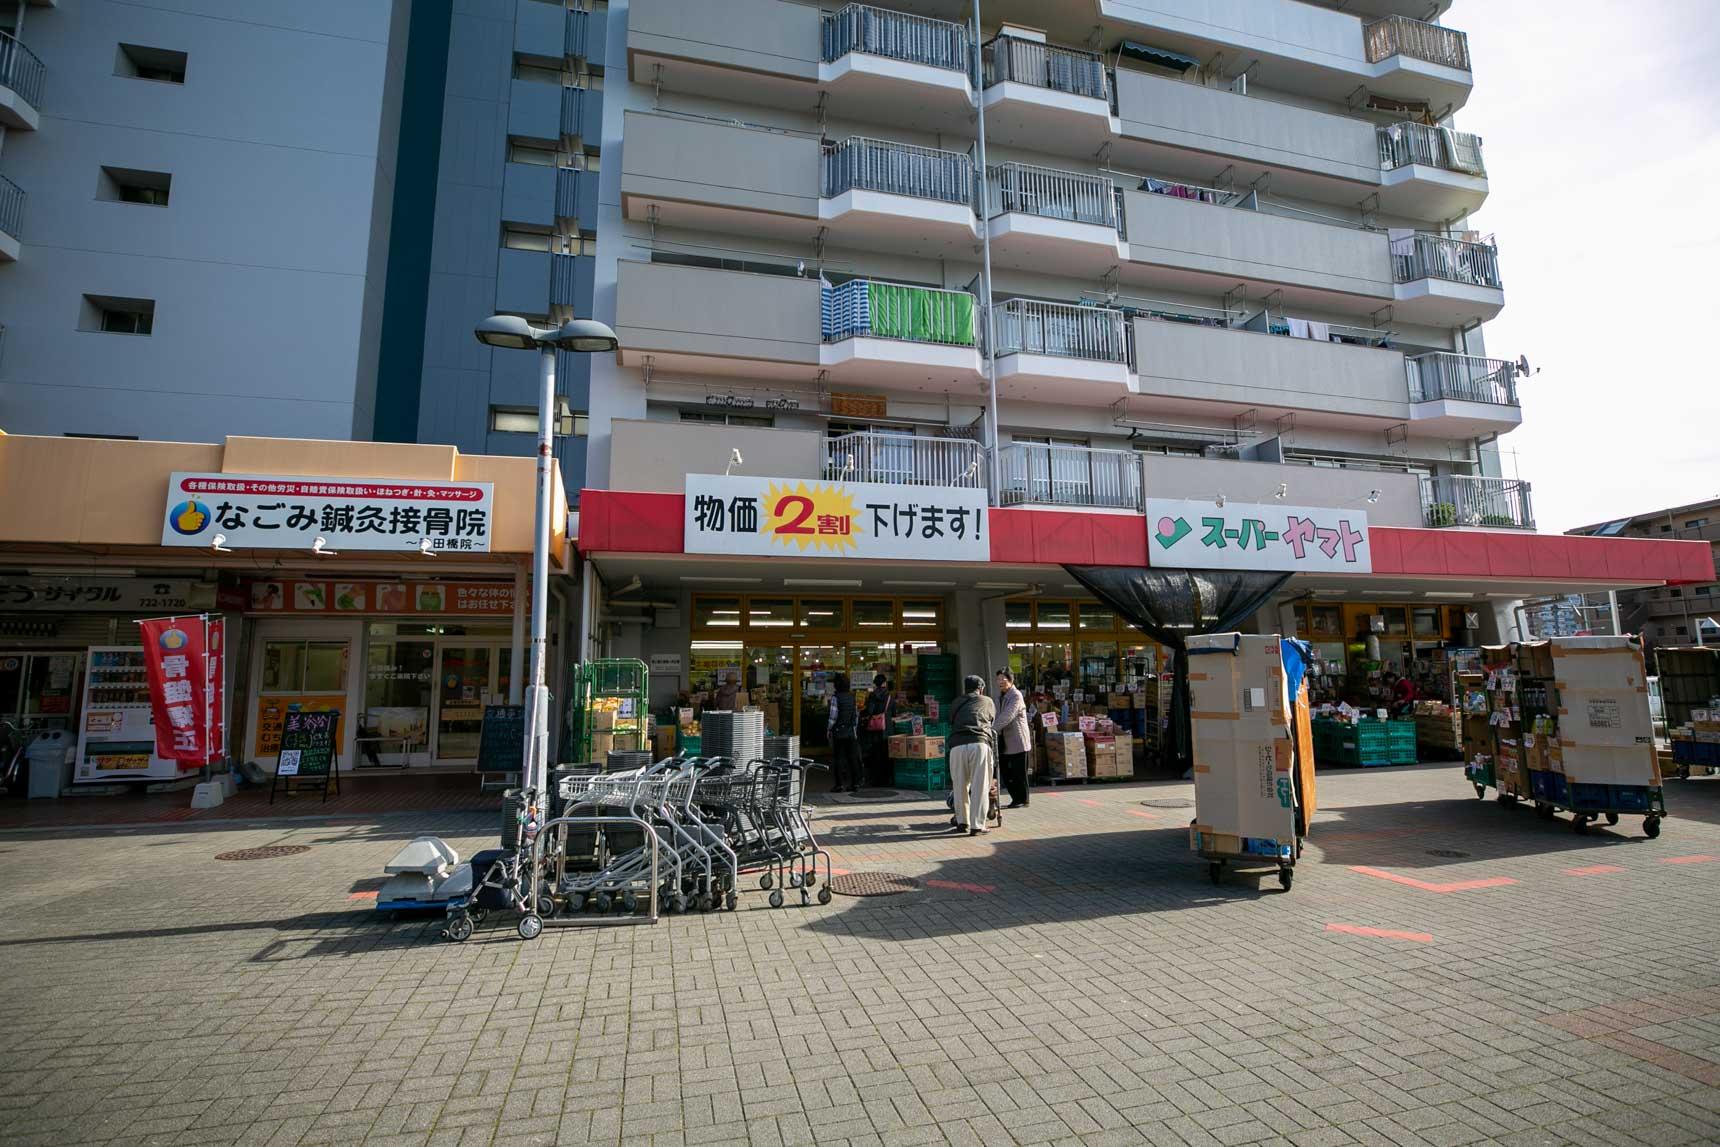 団地の1階にも商店街があり、スーパーやクリニック、郵便局や銀行までがあるので、駅前まで出る必要もなく毎日のお買い物は事足りてしまいます。